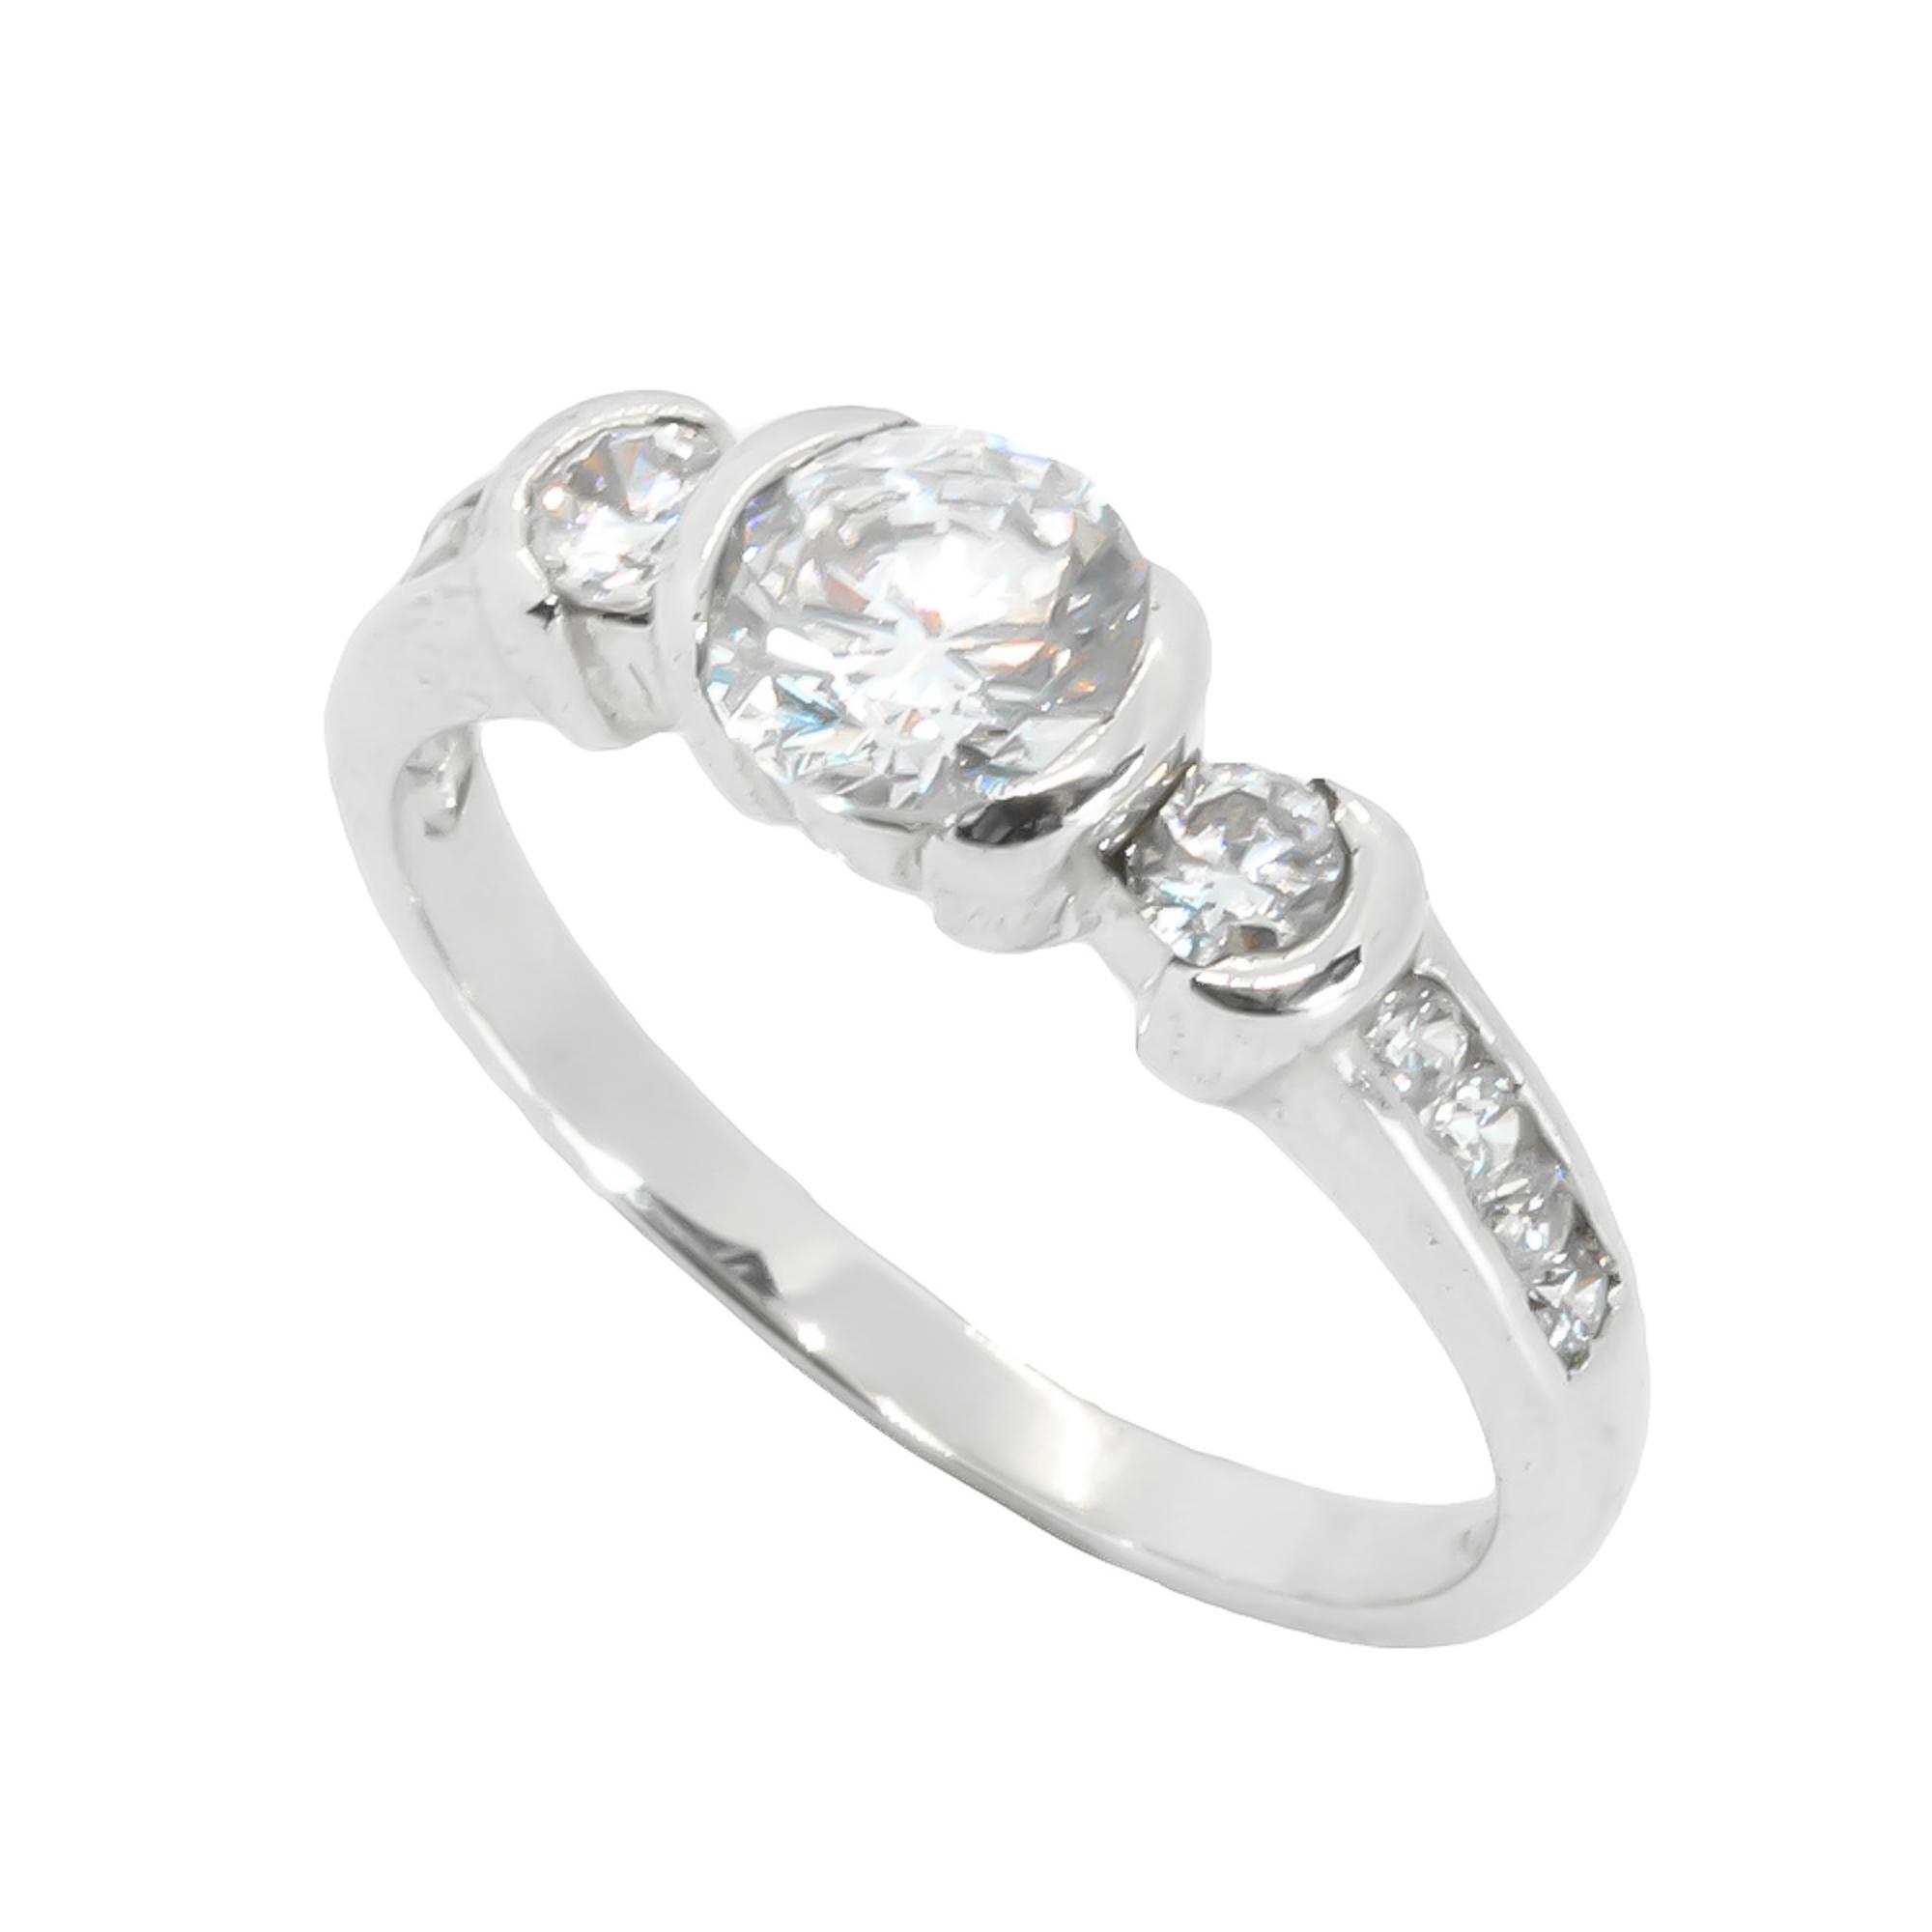 แหวนเพชรCZ หุ้มทองคำขาวแท้ ไซส์ 58